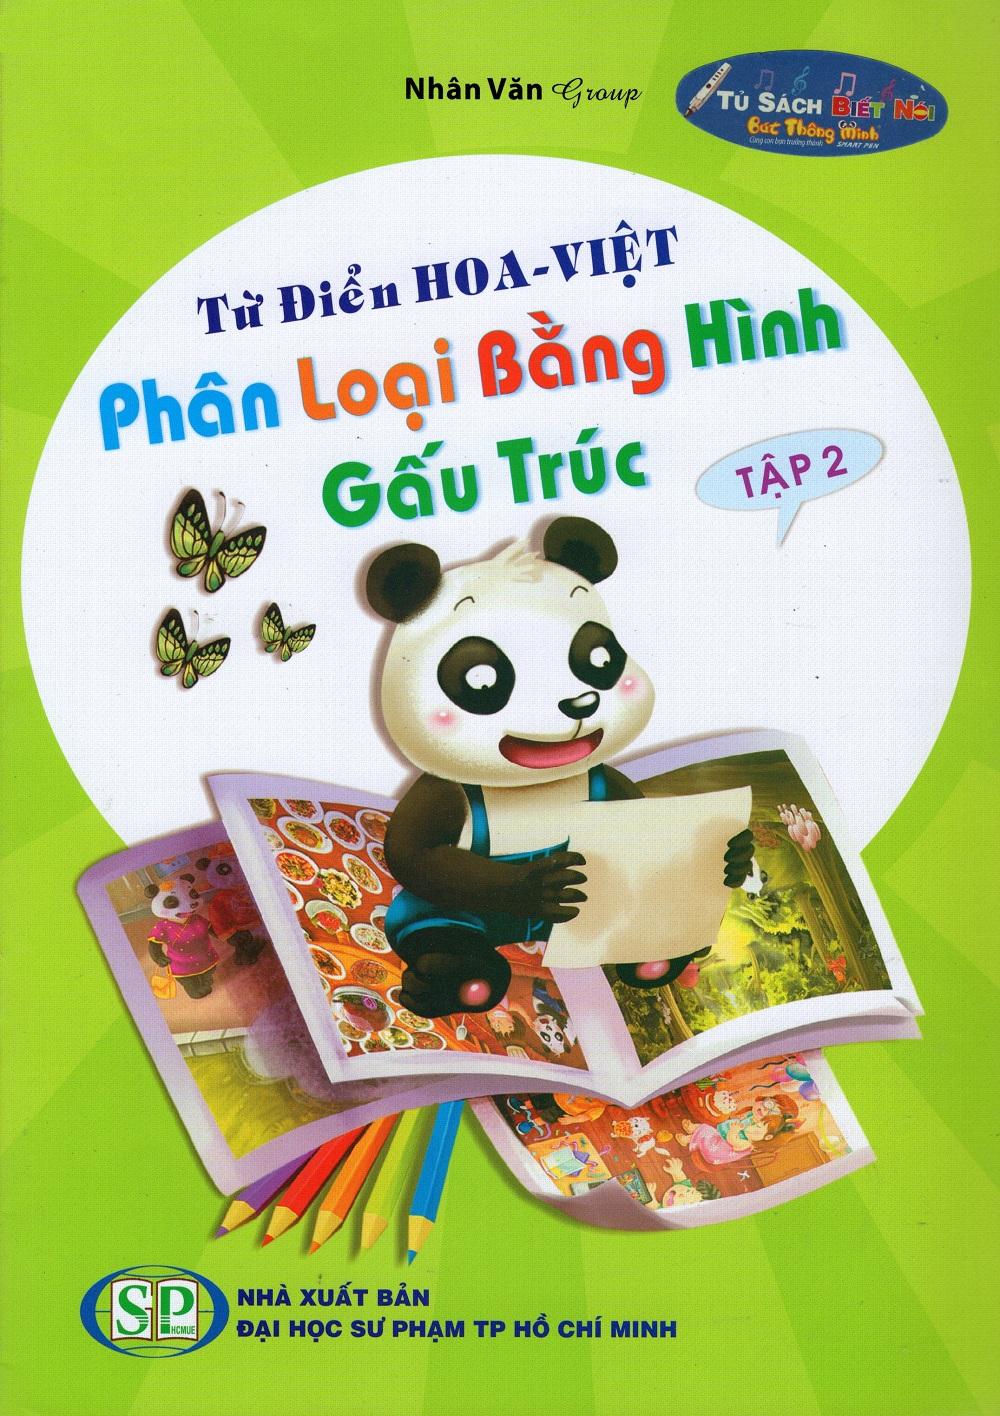 Bìa sách Từ Điển Hoa - Việt Phân Loại Bằng Hình Gấu Trúc (Tập 2)